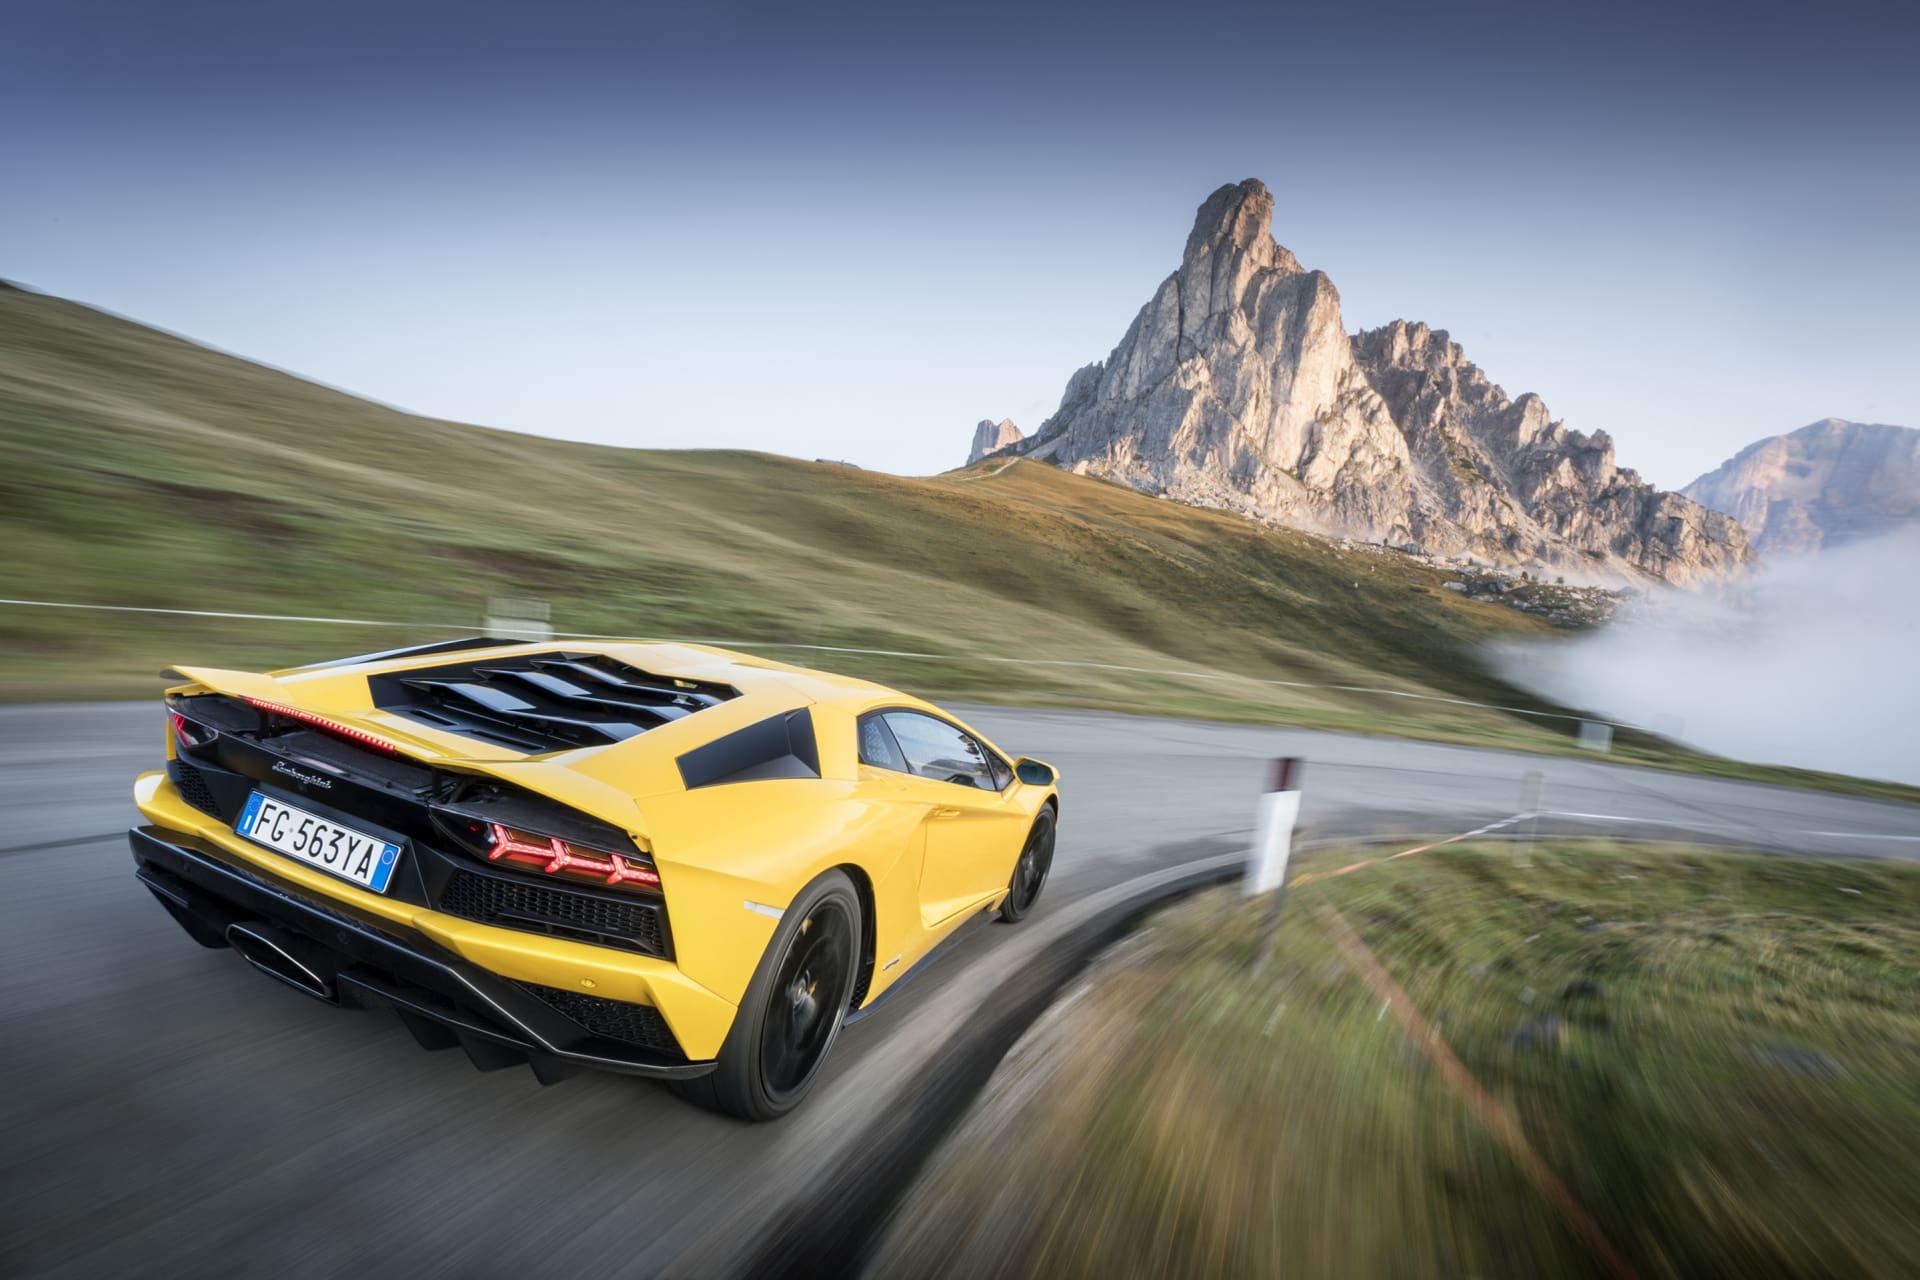 Soluppgång och dimman som lättar. Vägen helt fri från till och med cyklister och turistbussar och en Lamborghini V12 motor på fullt varv. Närmare himlen är så här blir det inte i levande form.